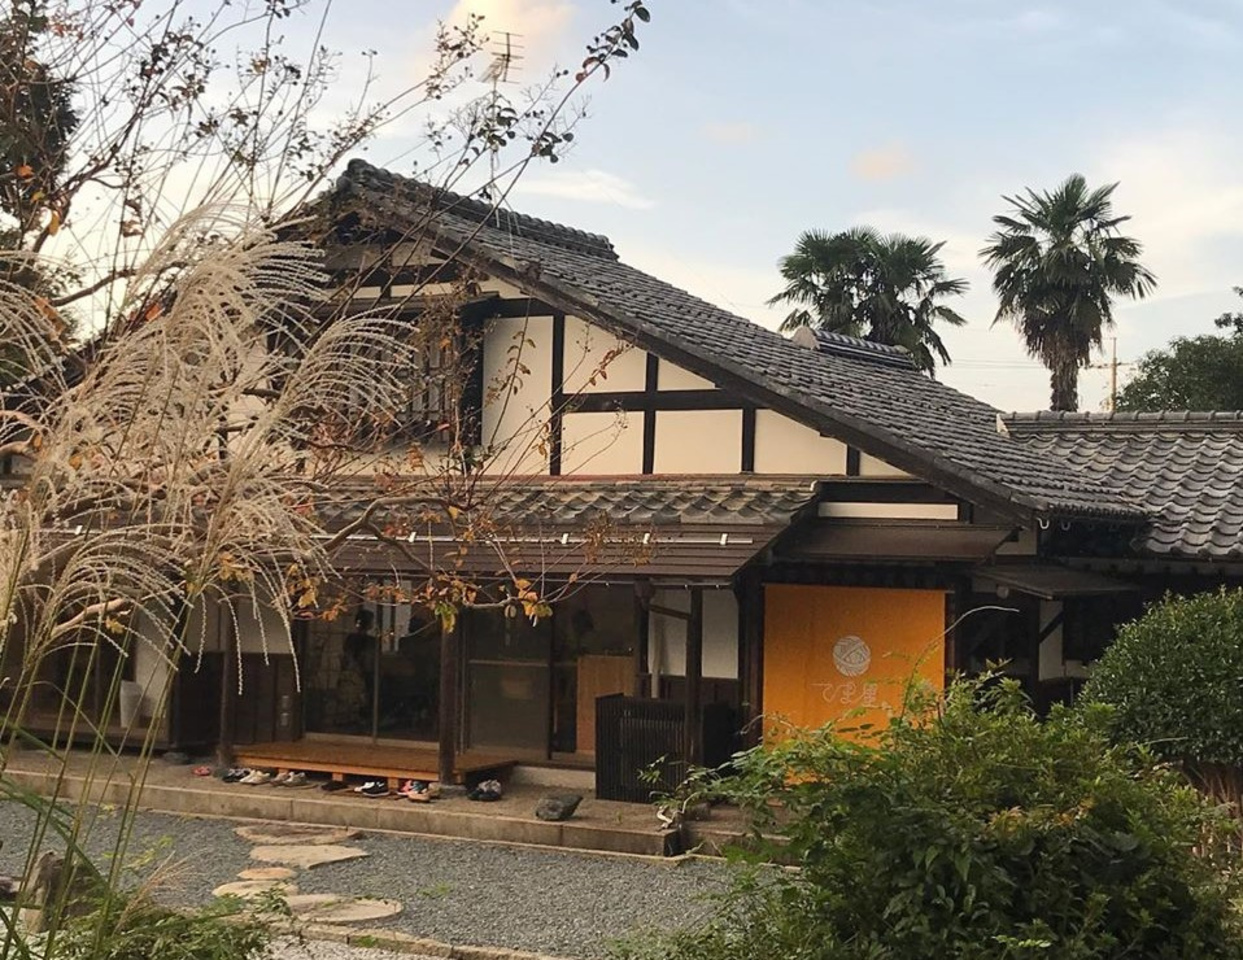 鳥取県西伯郡のカフェとお宿『てま里』